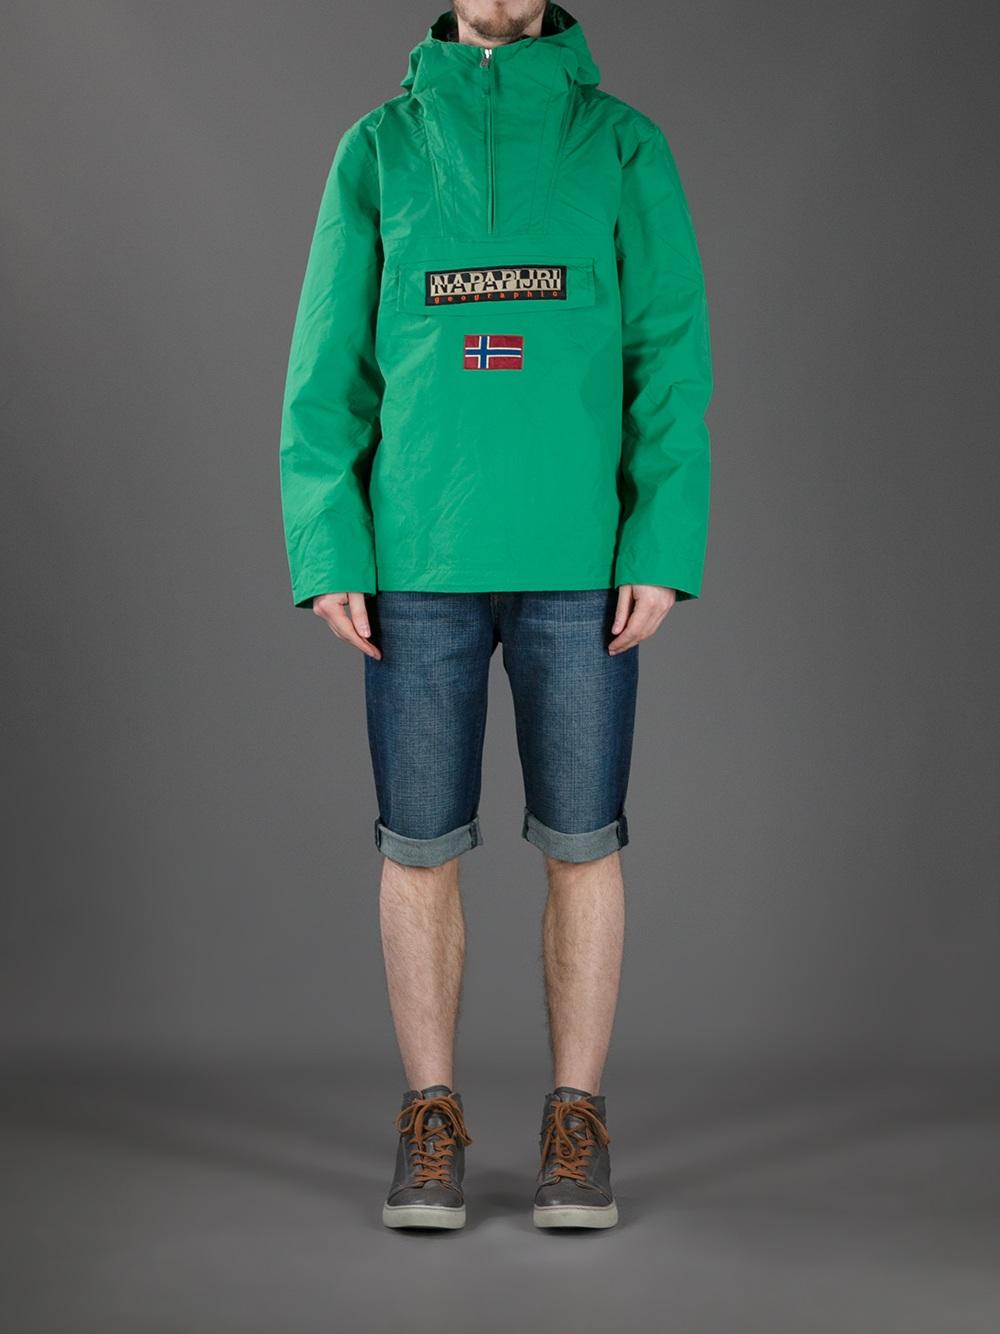 dobra obsługa różnie całkowicie stylowy Rainforest Jacket